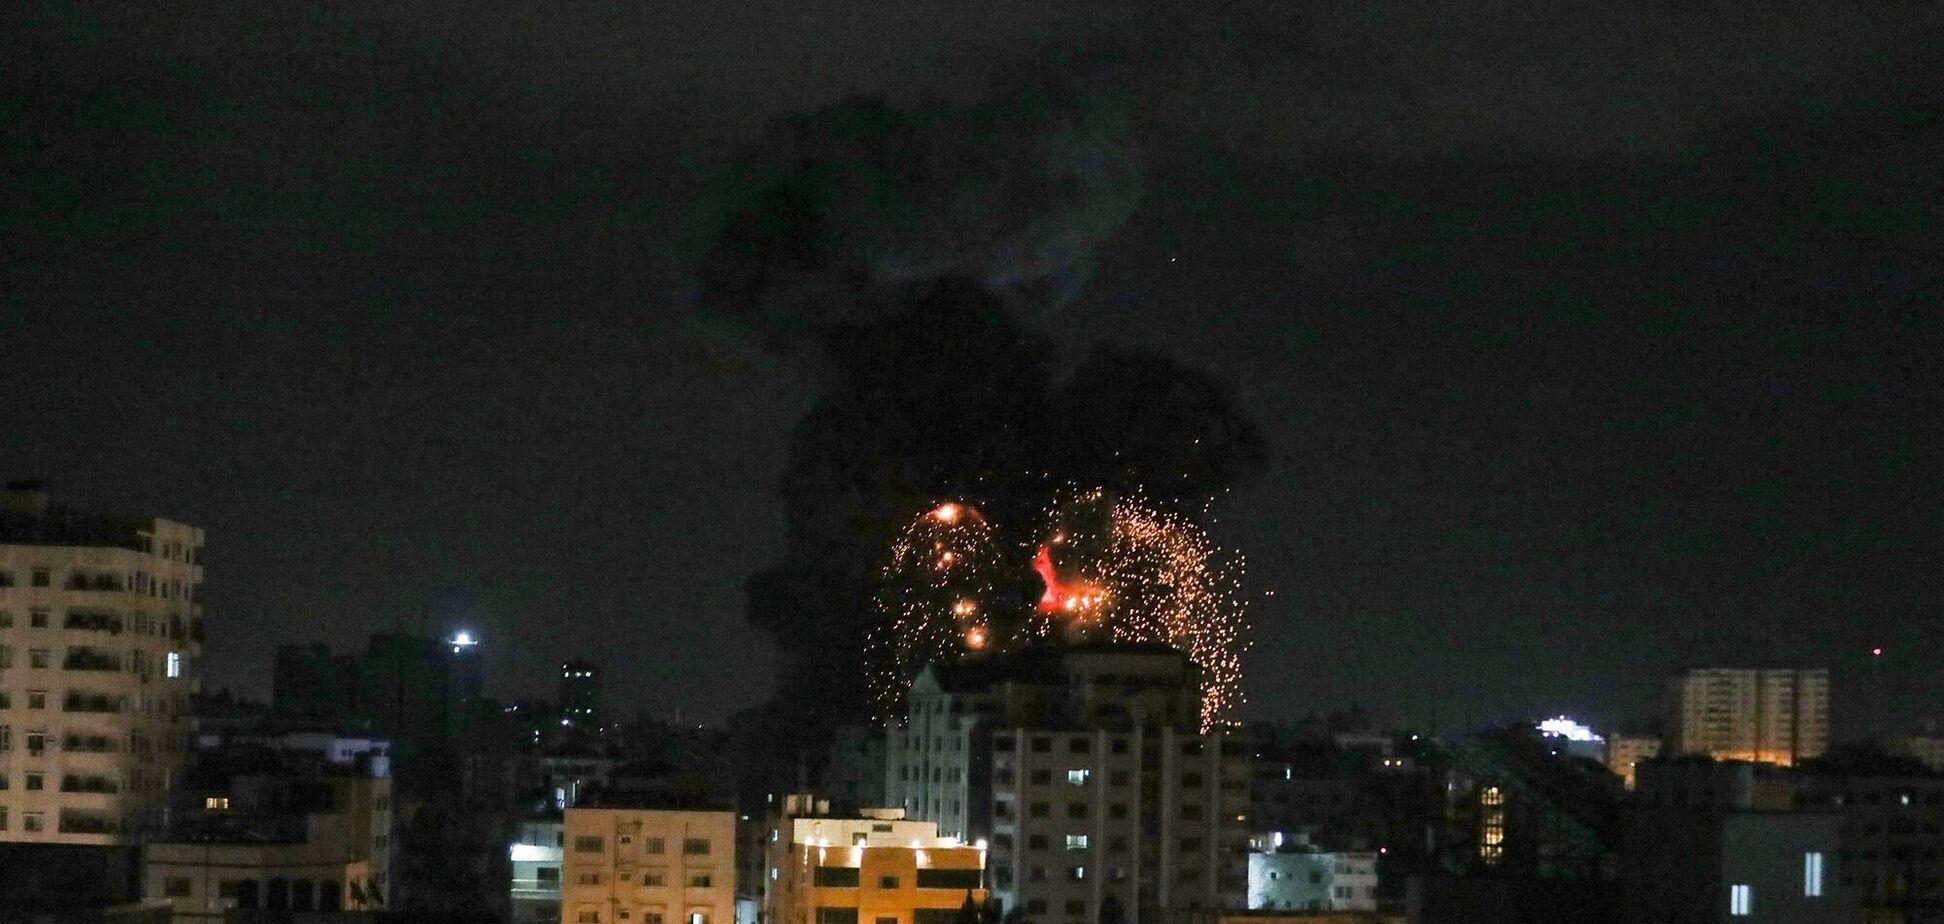 Кількість жертв конфлікту між Ізраїлем і ХАМАСом уже перевищила 80 осіб: загинули 17 дітей